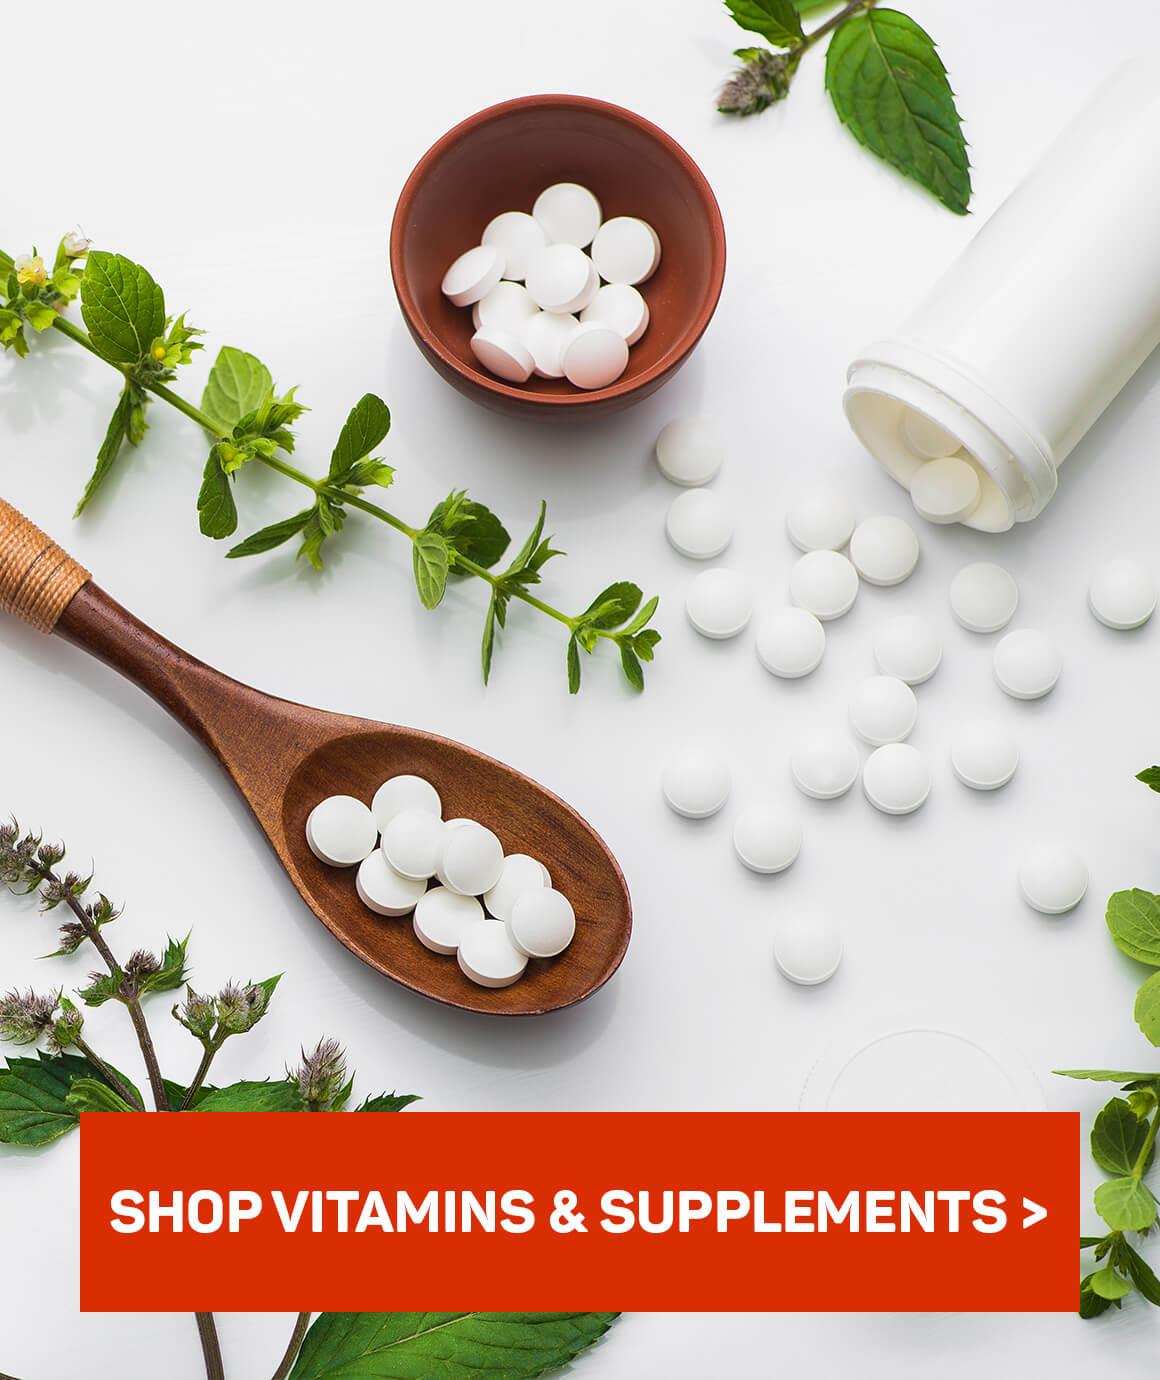 Shop vitamins & supplements